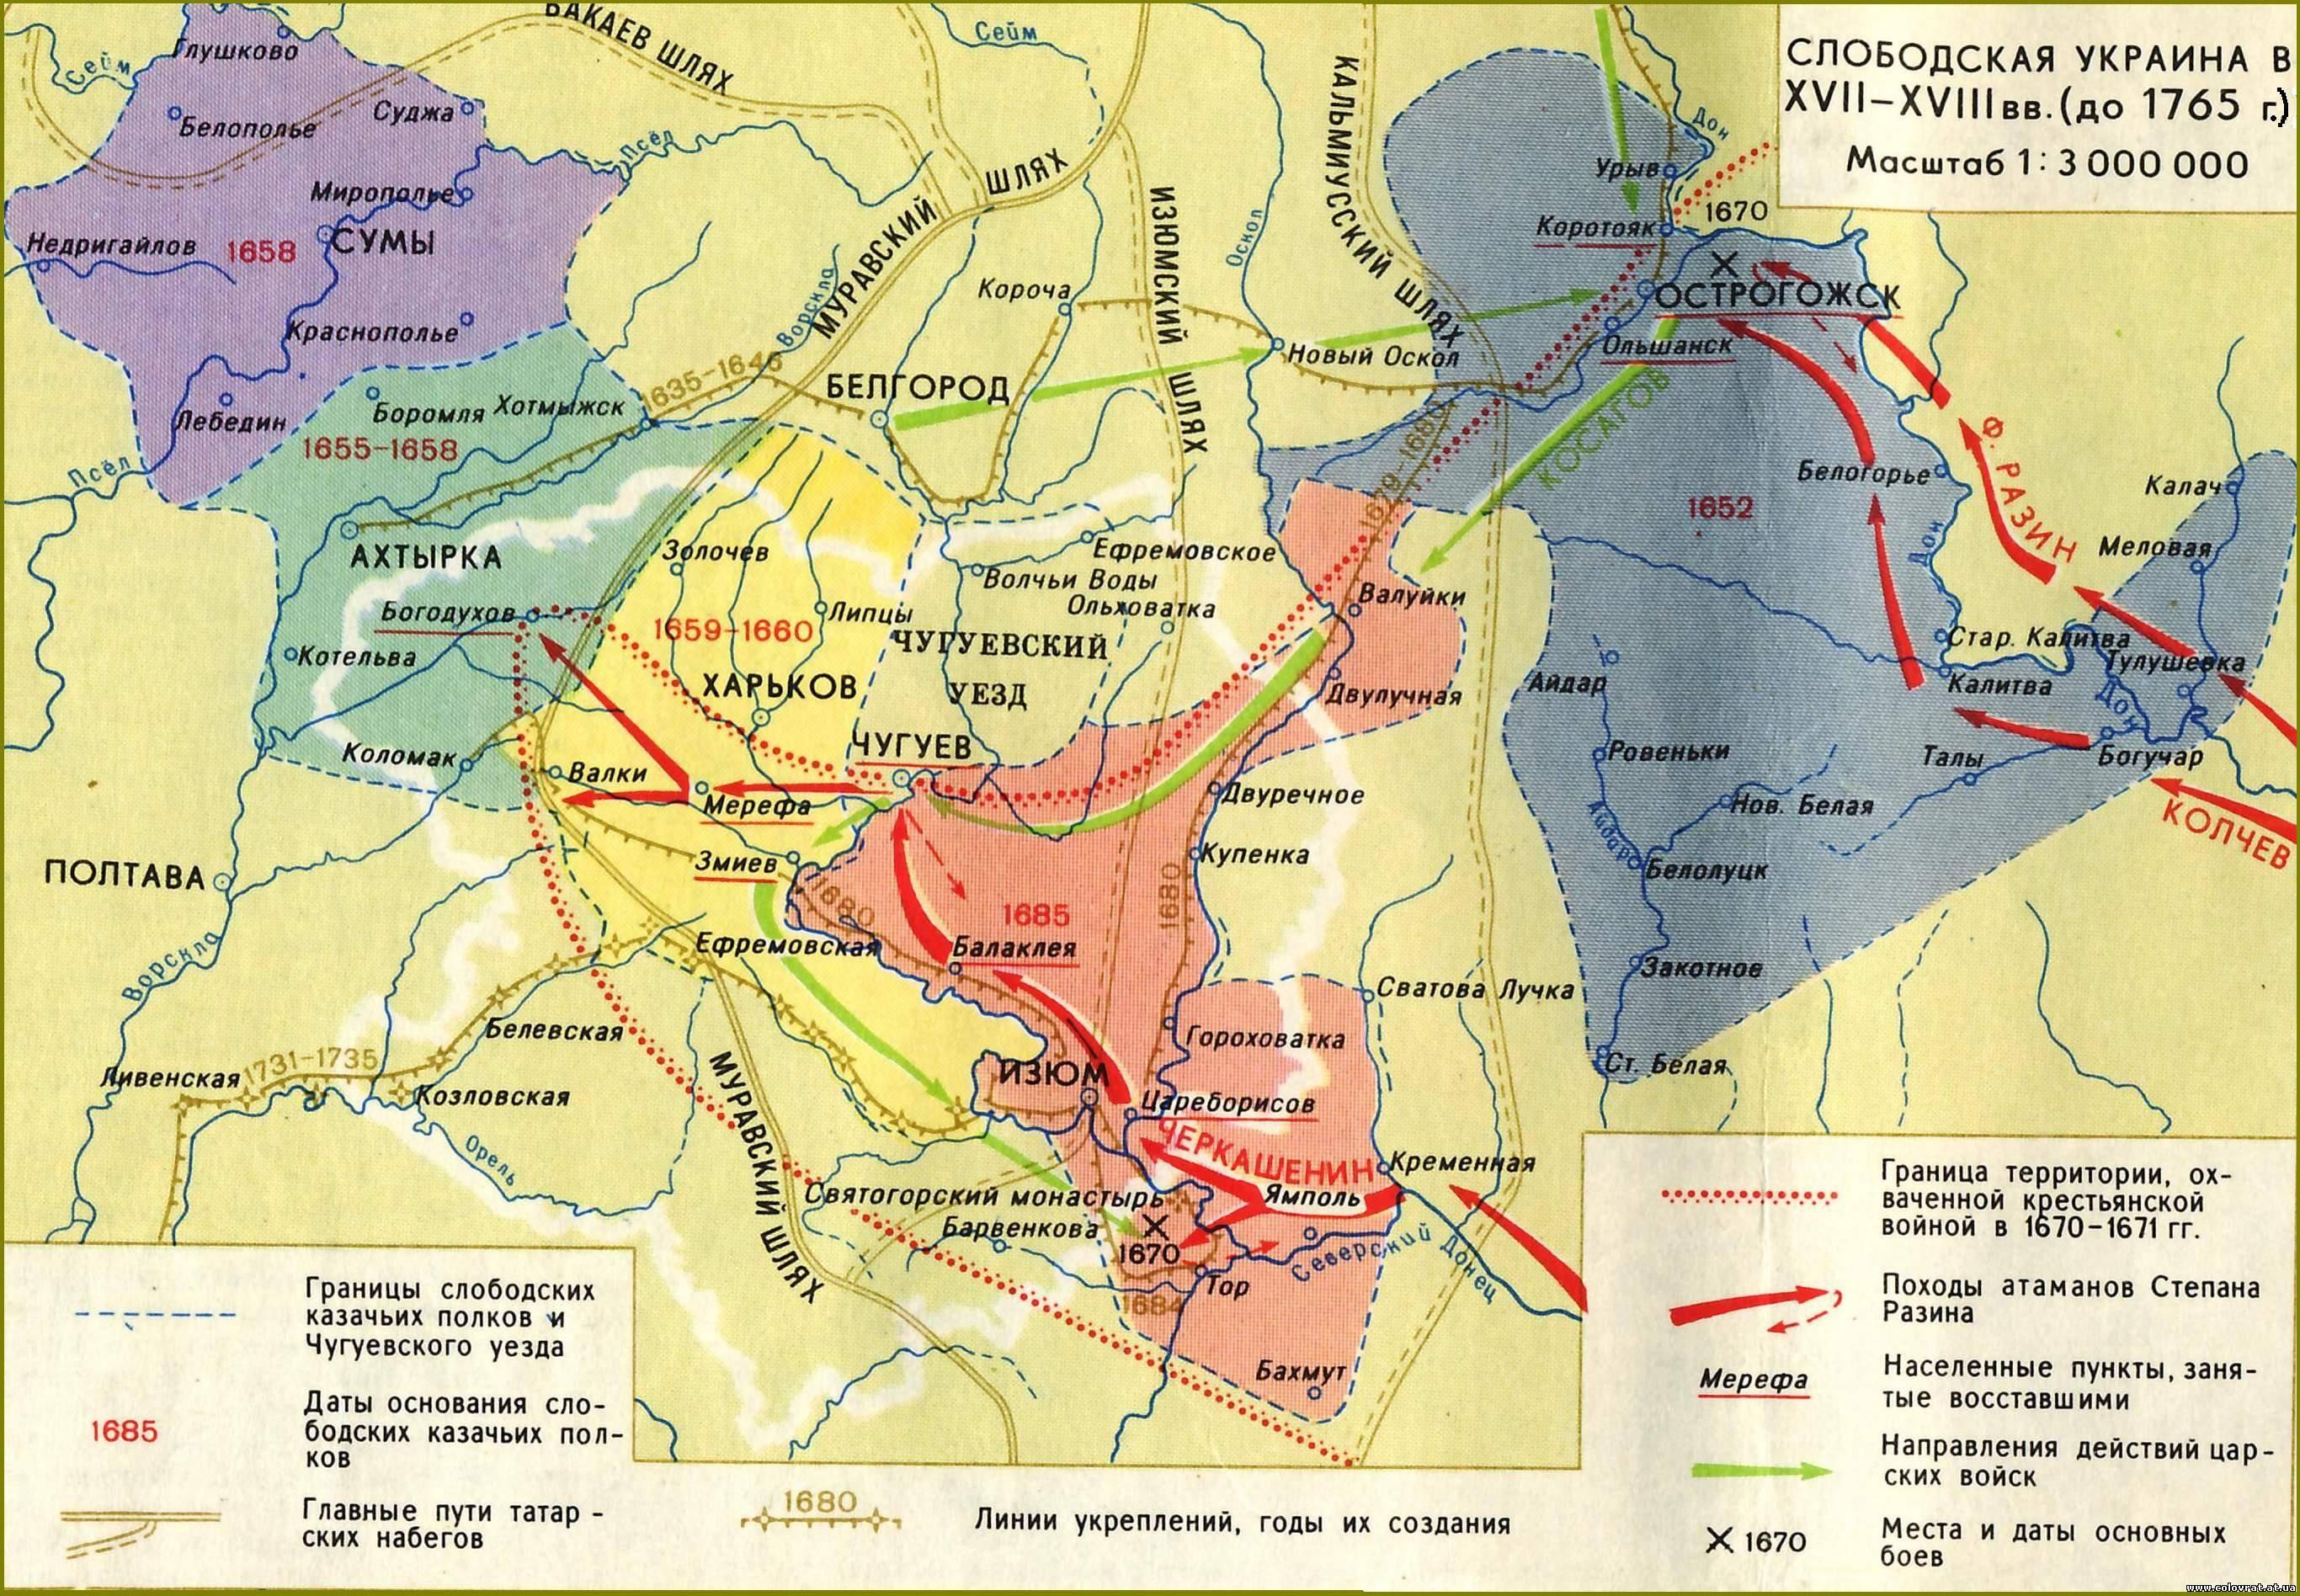 Слободская Украина до 1765